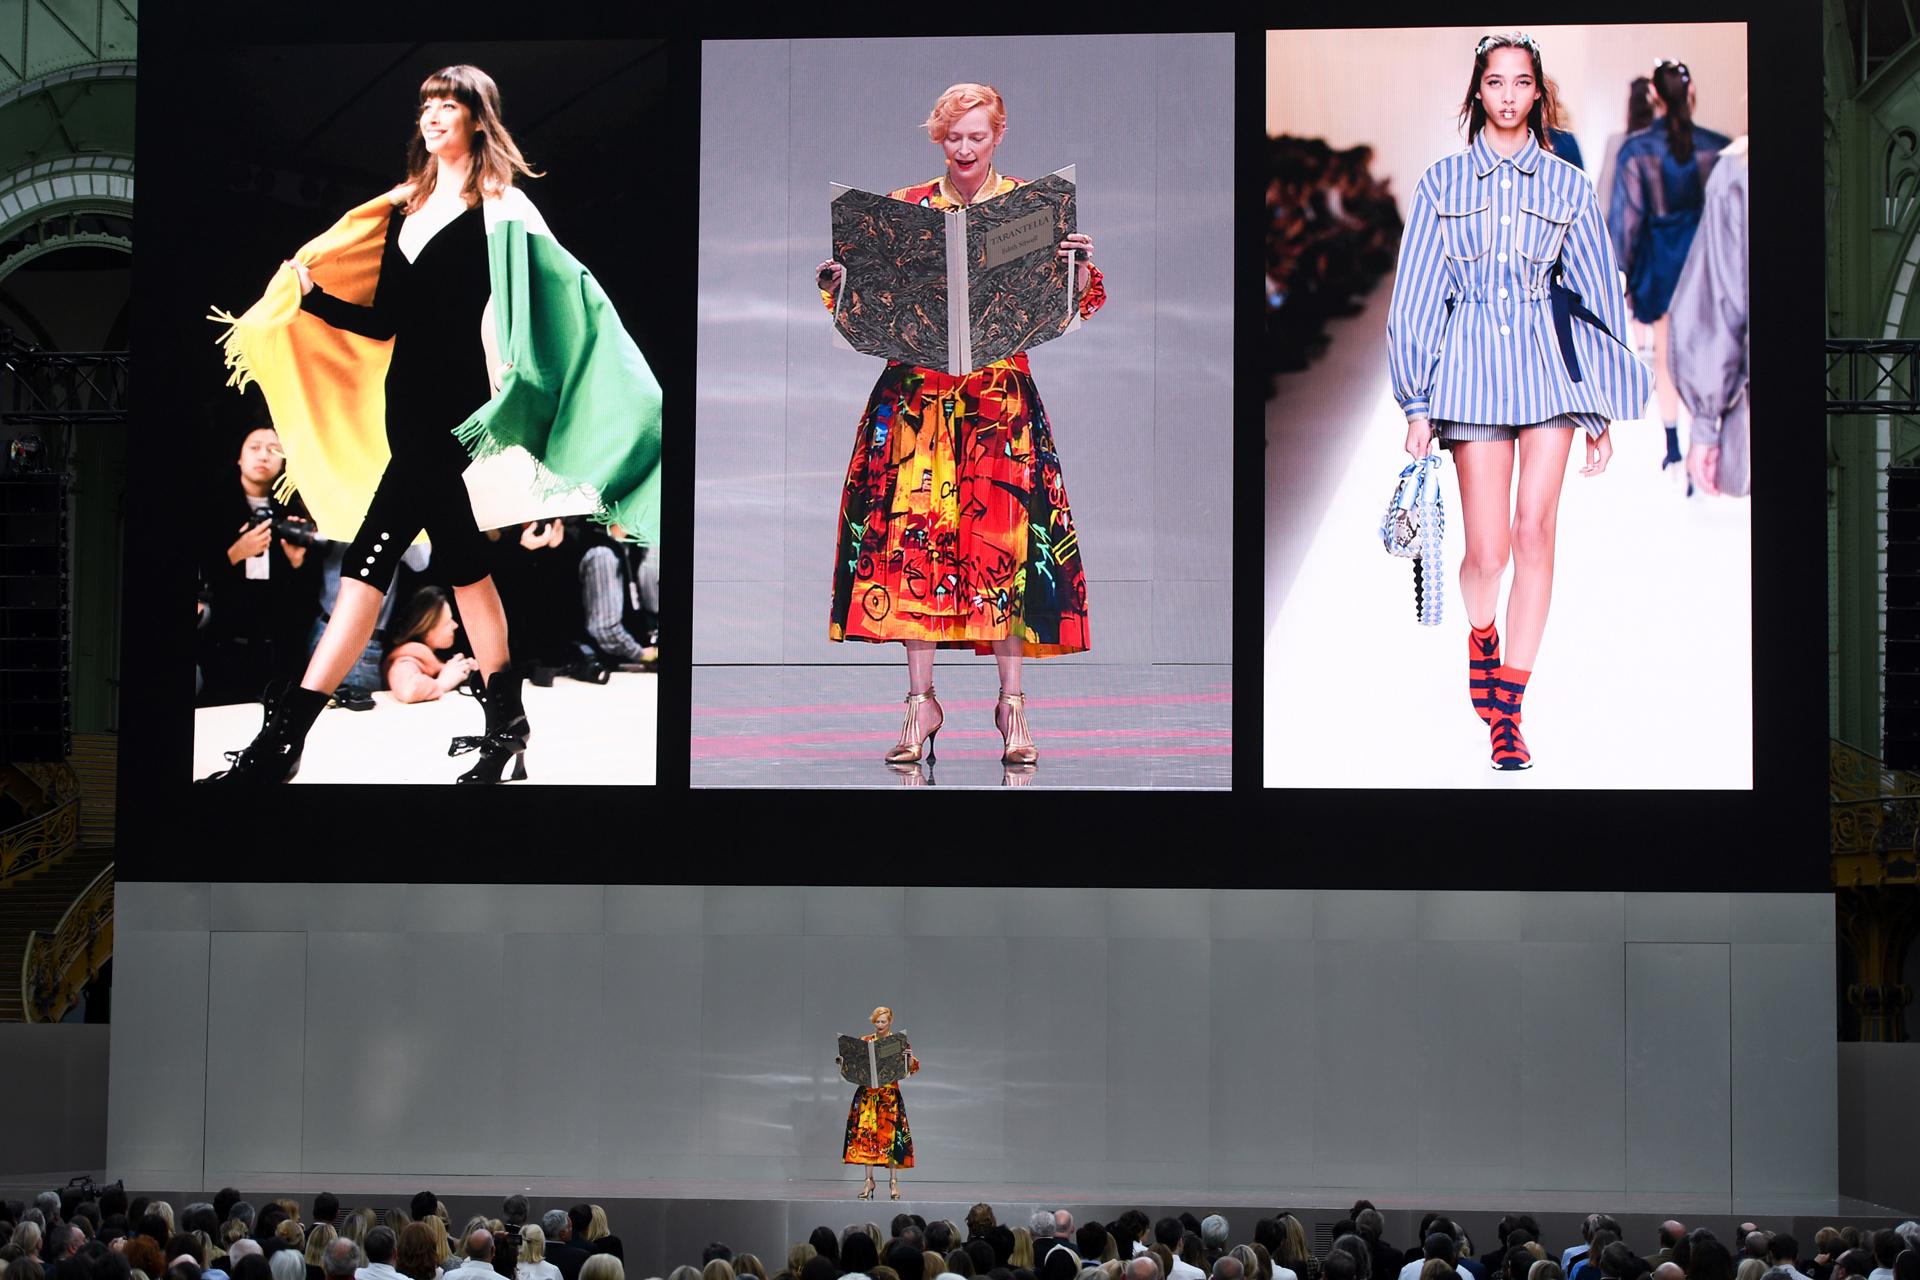 La actriz británica Tilda Swinton brindó un show en el homenaje a Lagerfeld mientras que en las pantallas pasaron los mejores desfiles de Chanel y Fendi